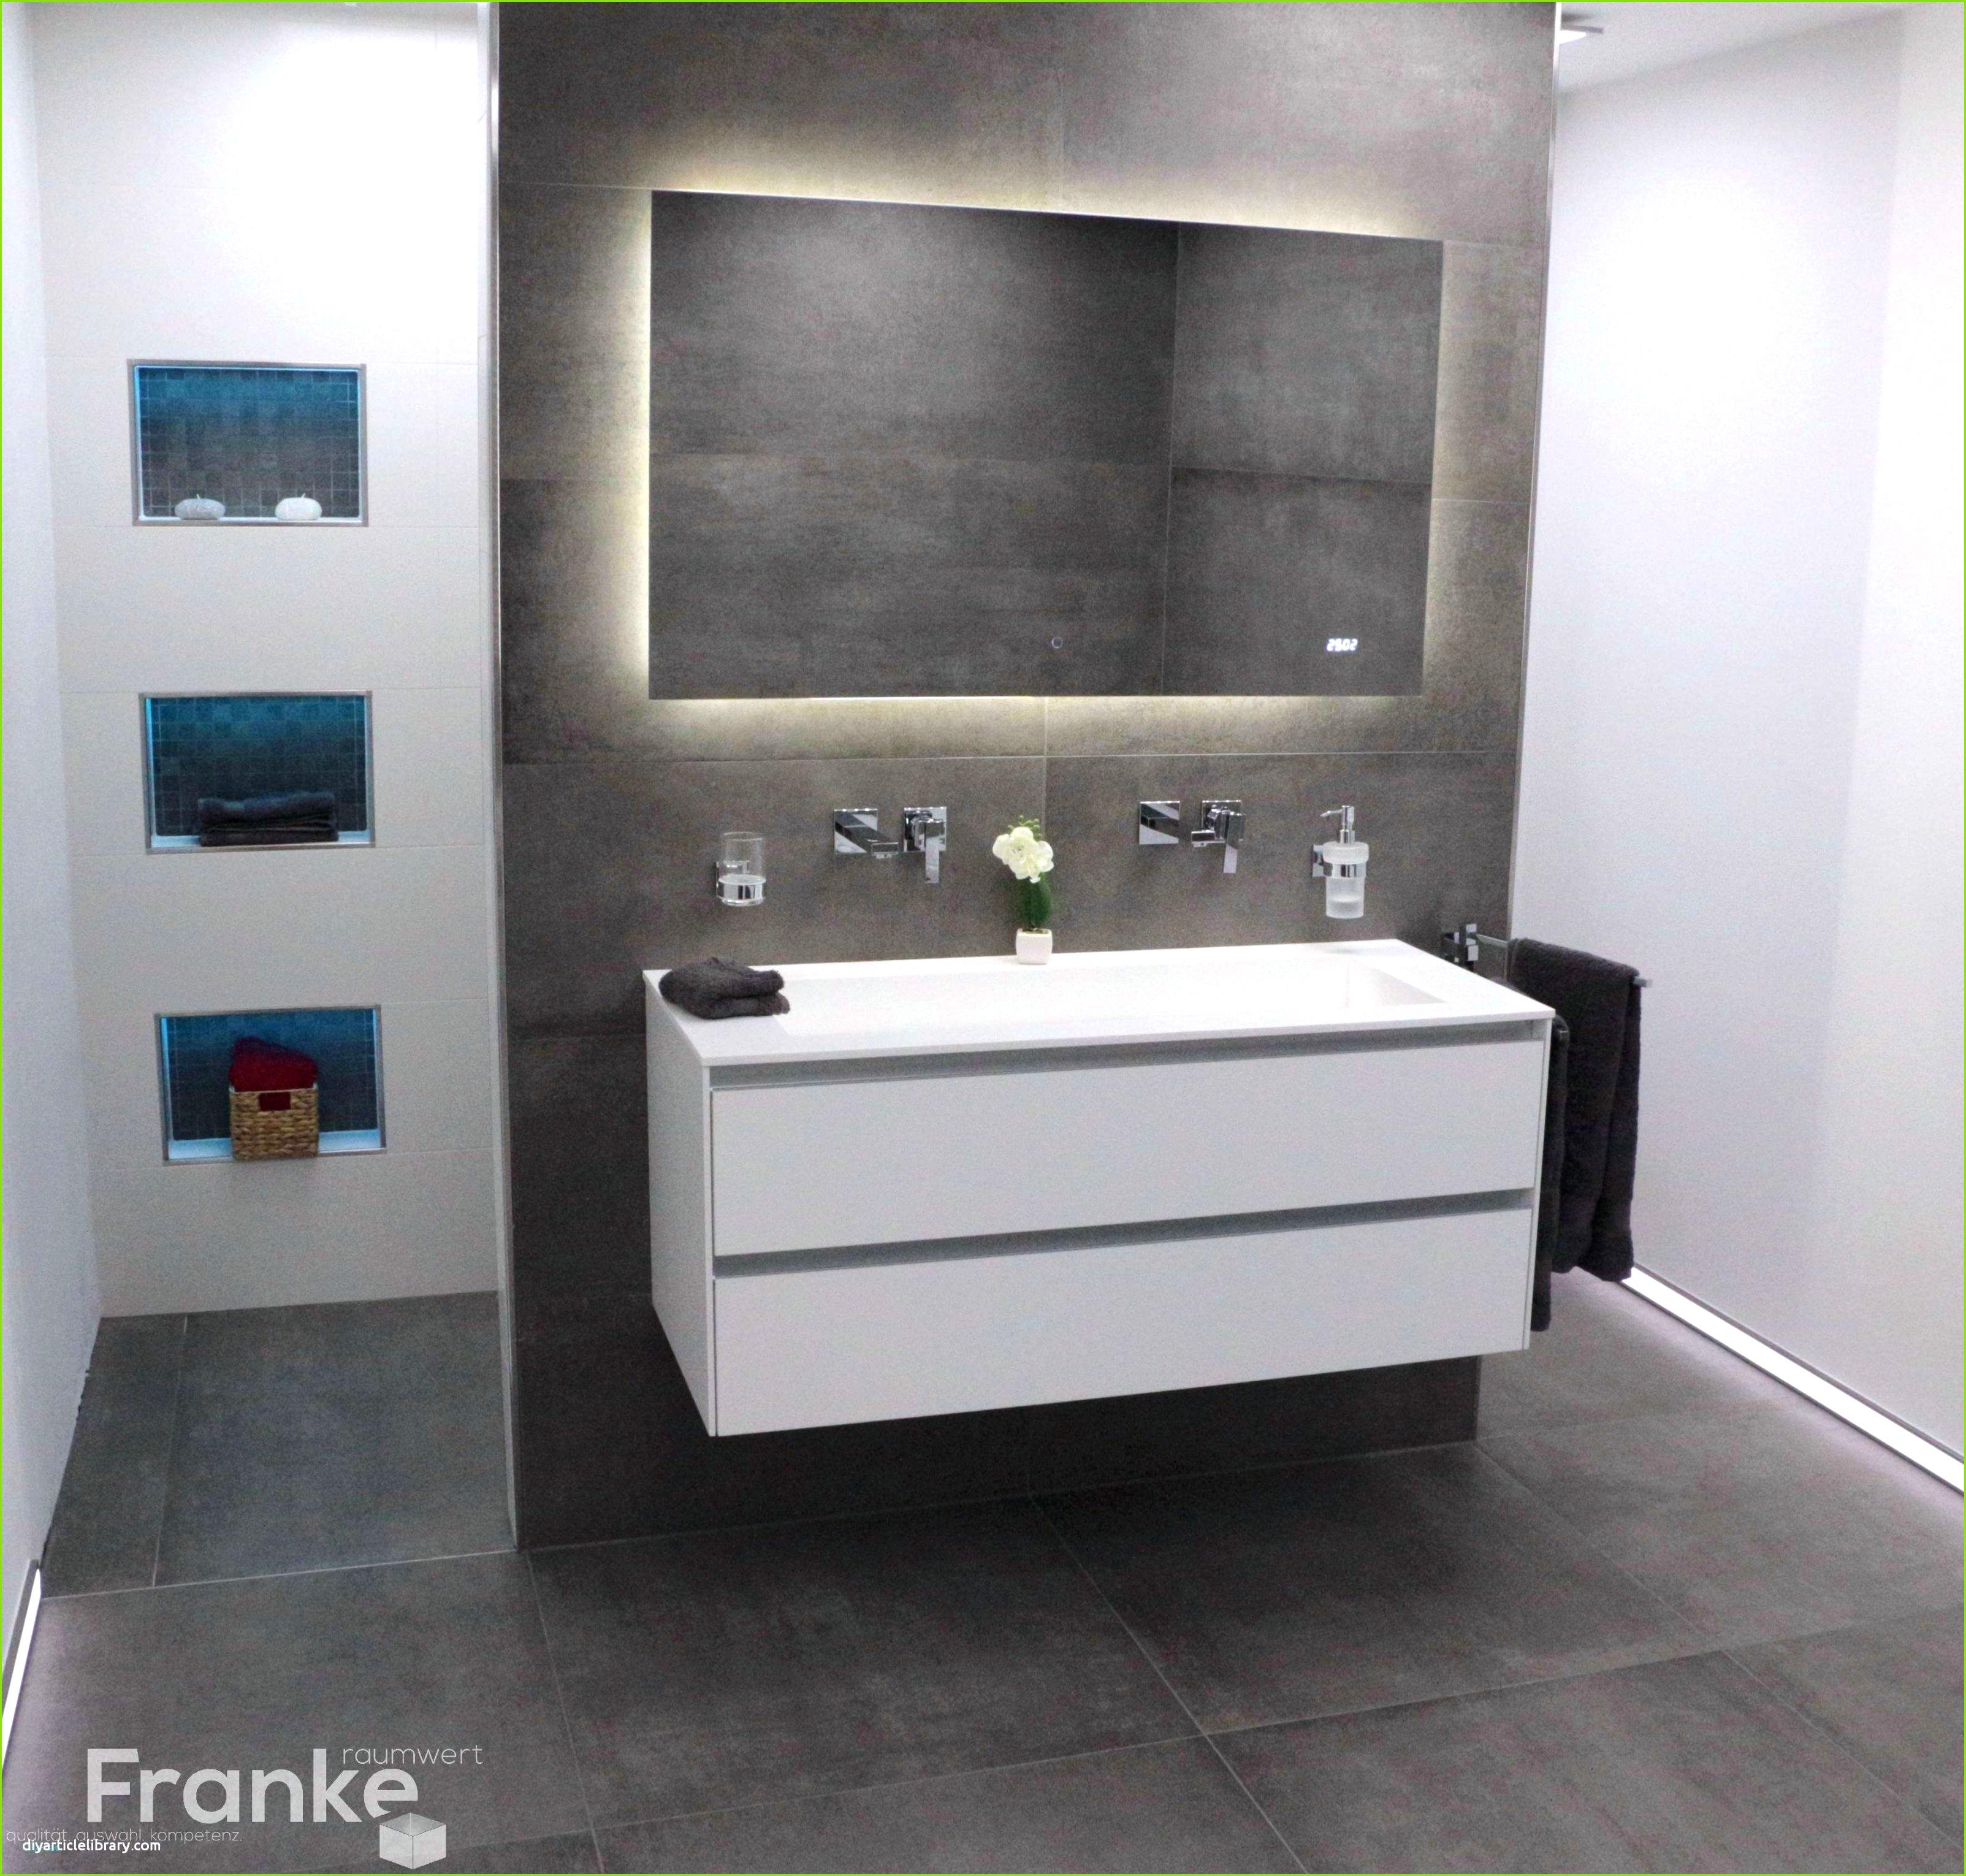 Badezimmer Fliesen Bilder Best Kupfer Fliesen 0d Archives Badezimmer Design Von Muster Fliesen Bad